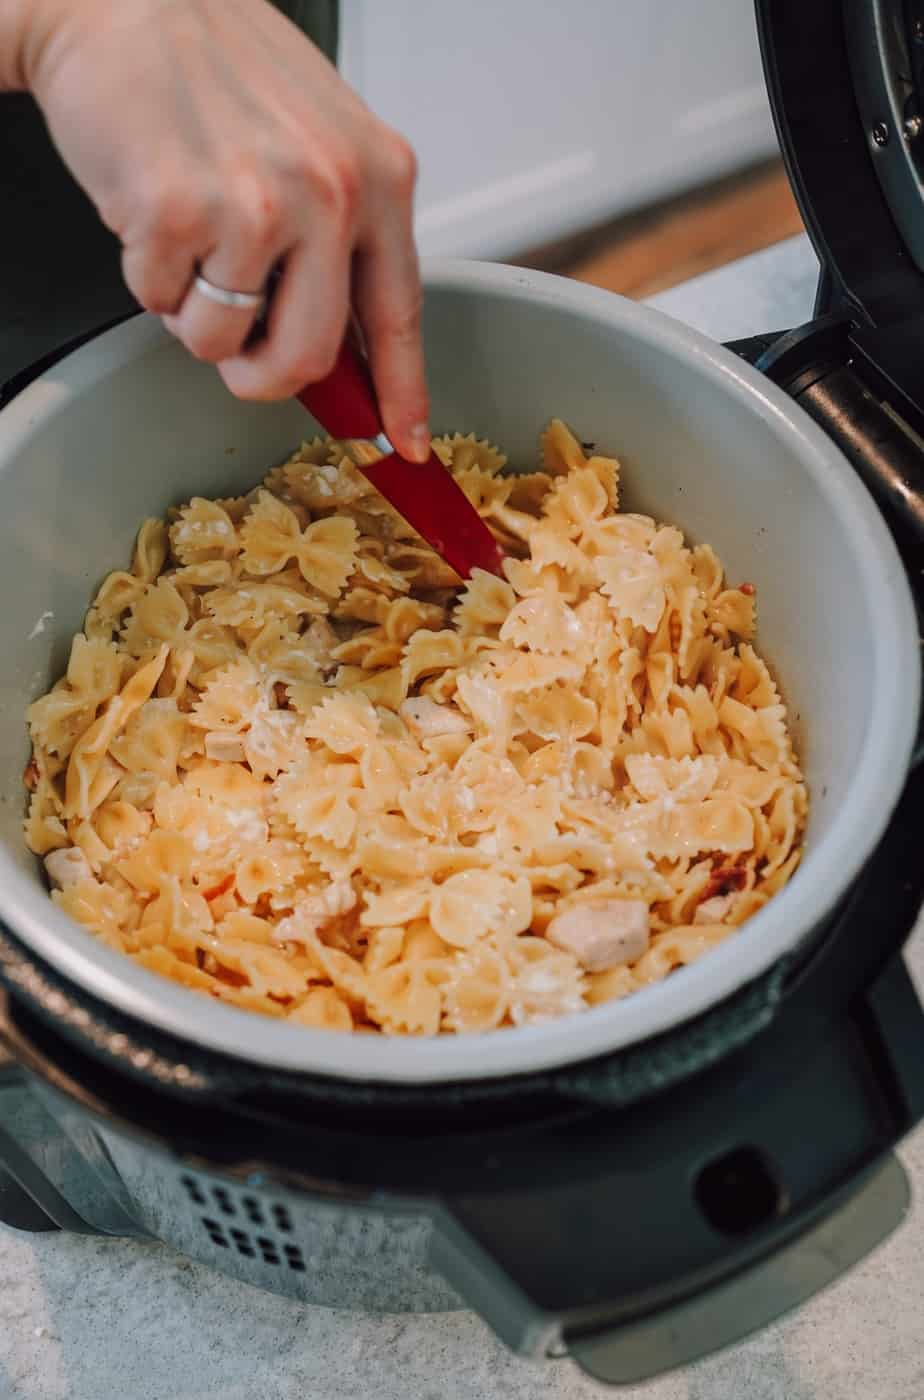 Ninja Foodi, instant pot, crack chicken, chicken, pasta, instant pot, Ninja Foodi, ranch, bacon, cheese, lunch, dinner, main,